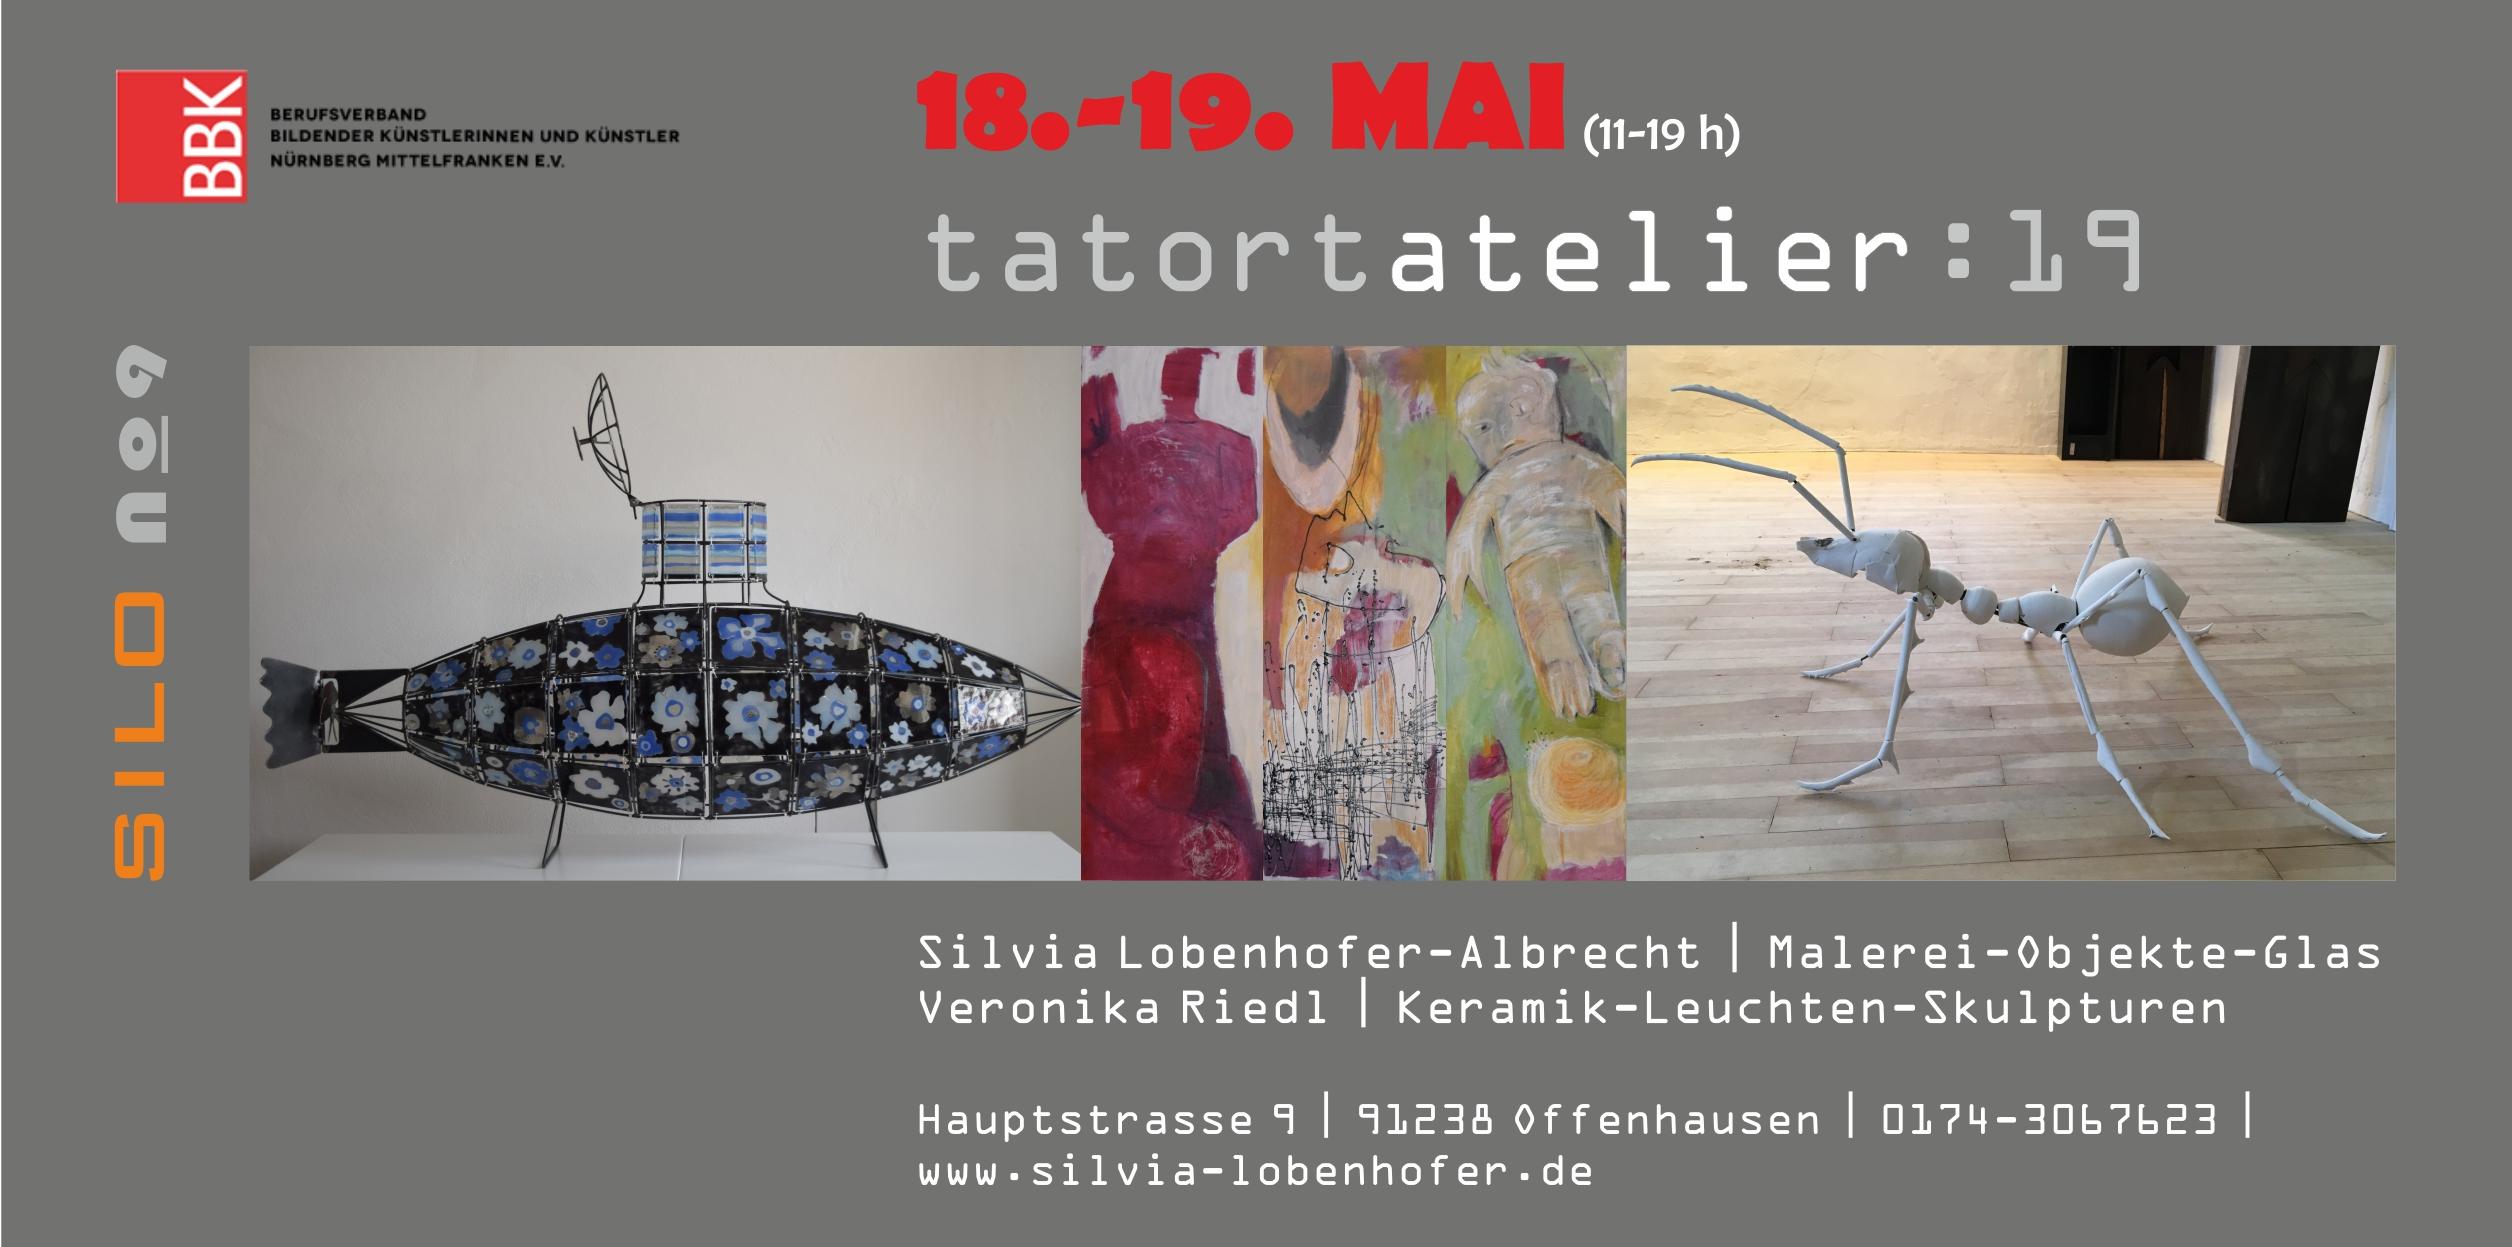 Tatort Atelier | BBK Nürnberg